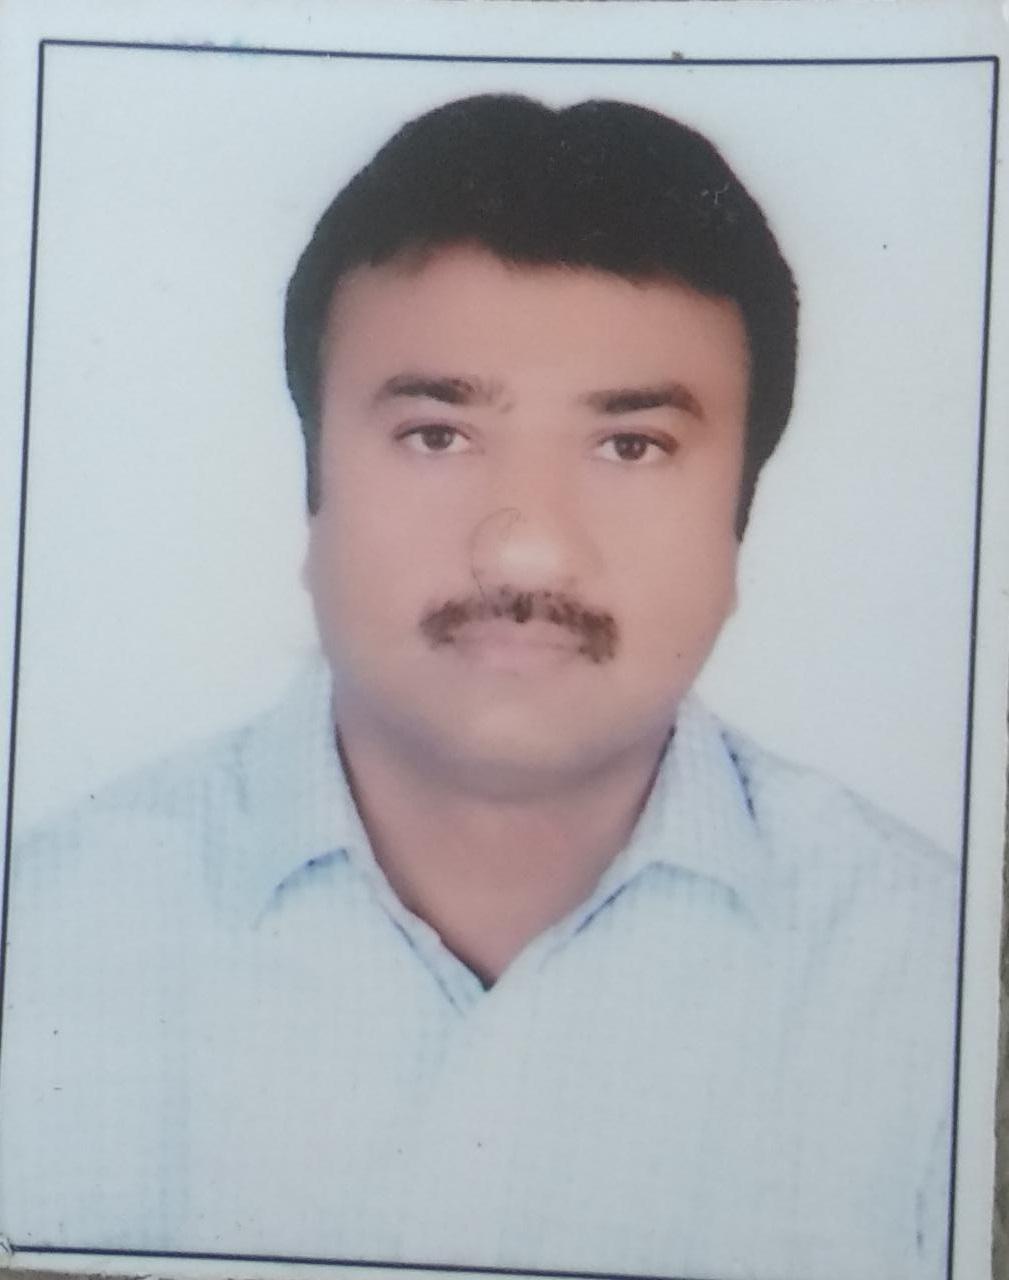 Mr. Rajesh Mittal